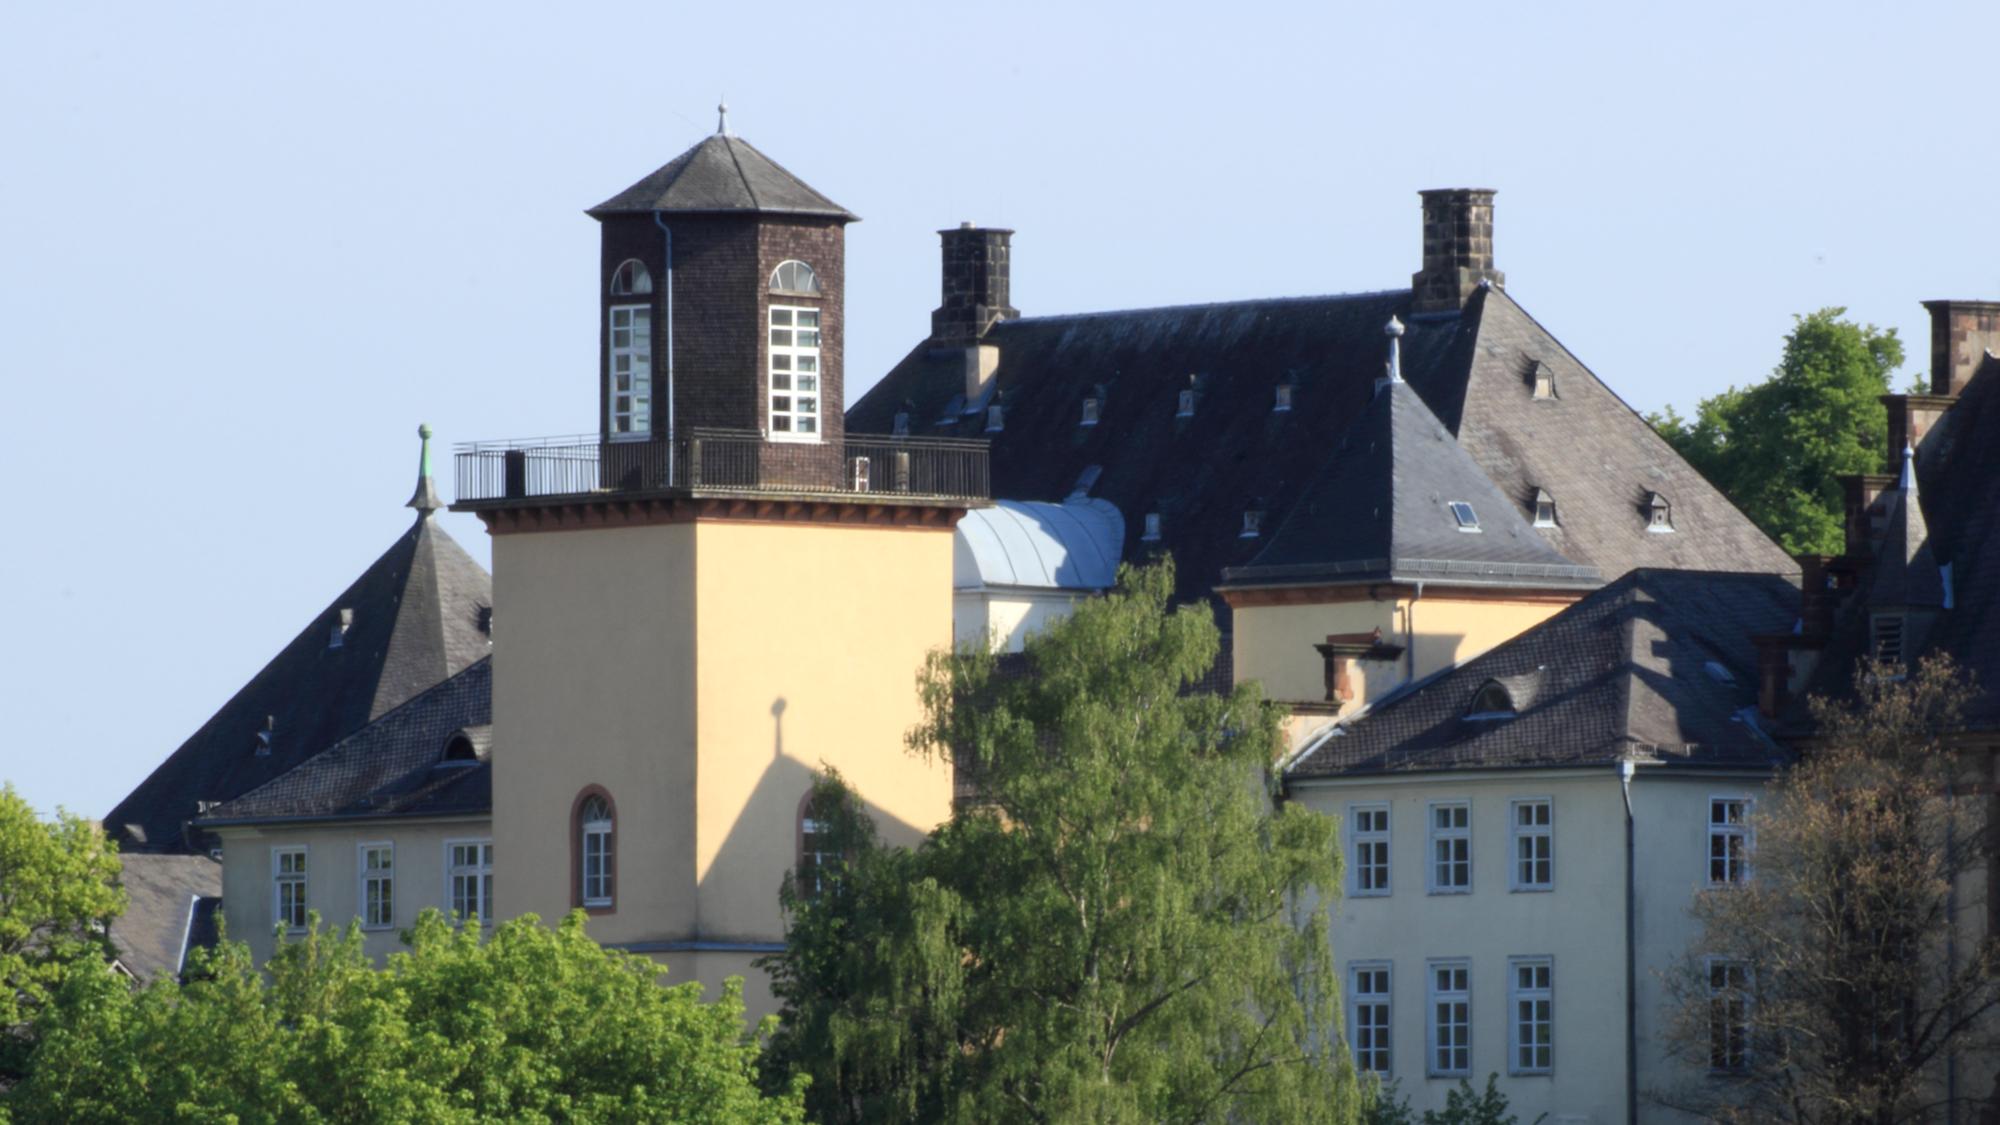 Die Gerling-Sternwarte auf dem Renthof wurde am 12. Oktober 1841 in Betrieb genommen. Ab 1849 sind dort Asteroindenmessungen vorgenommen worden.